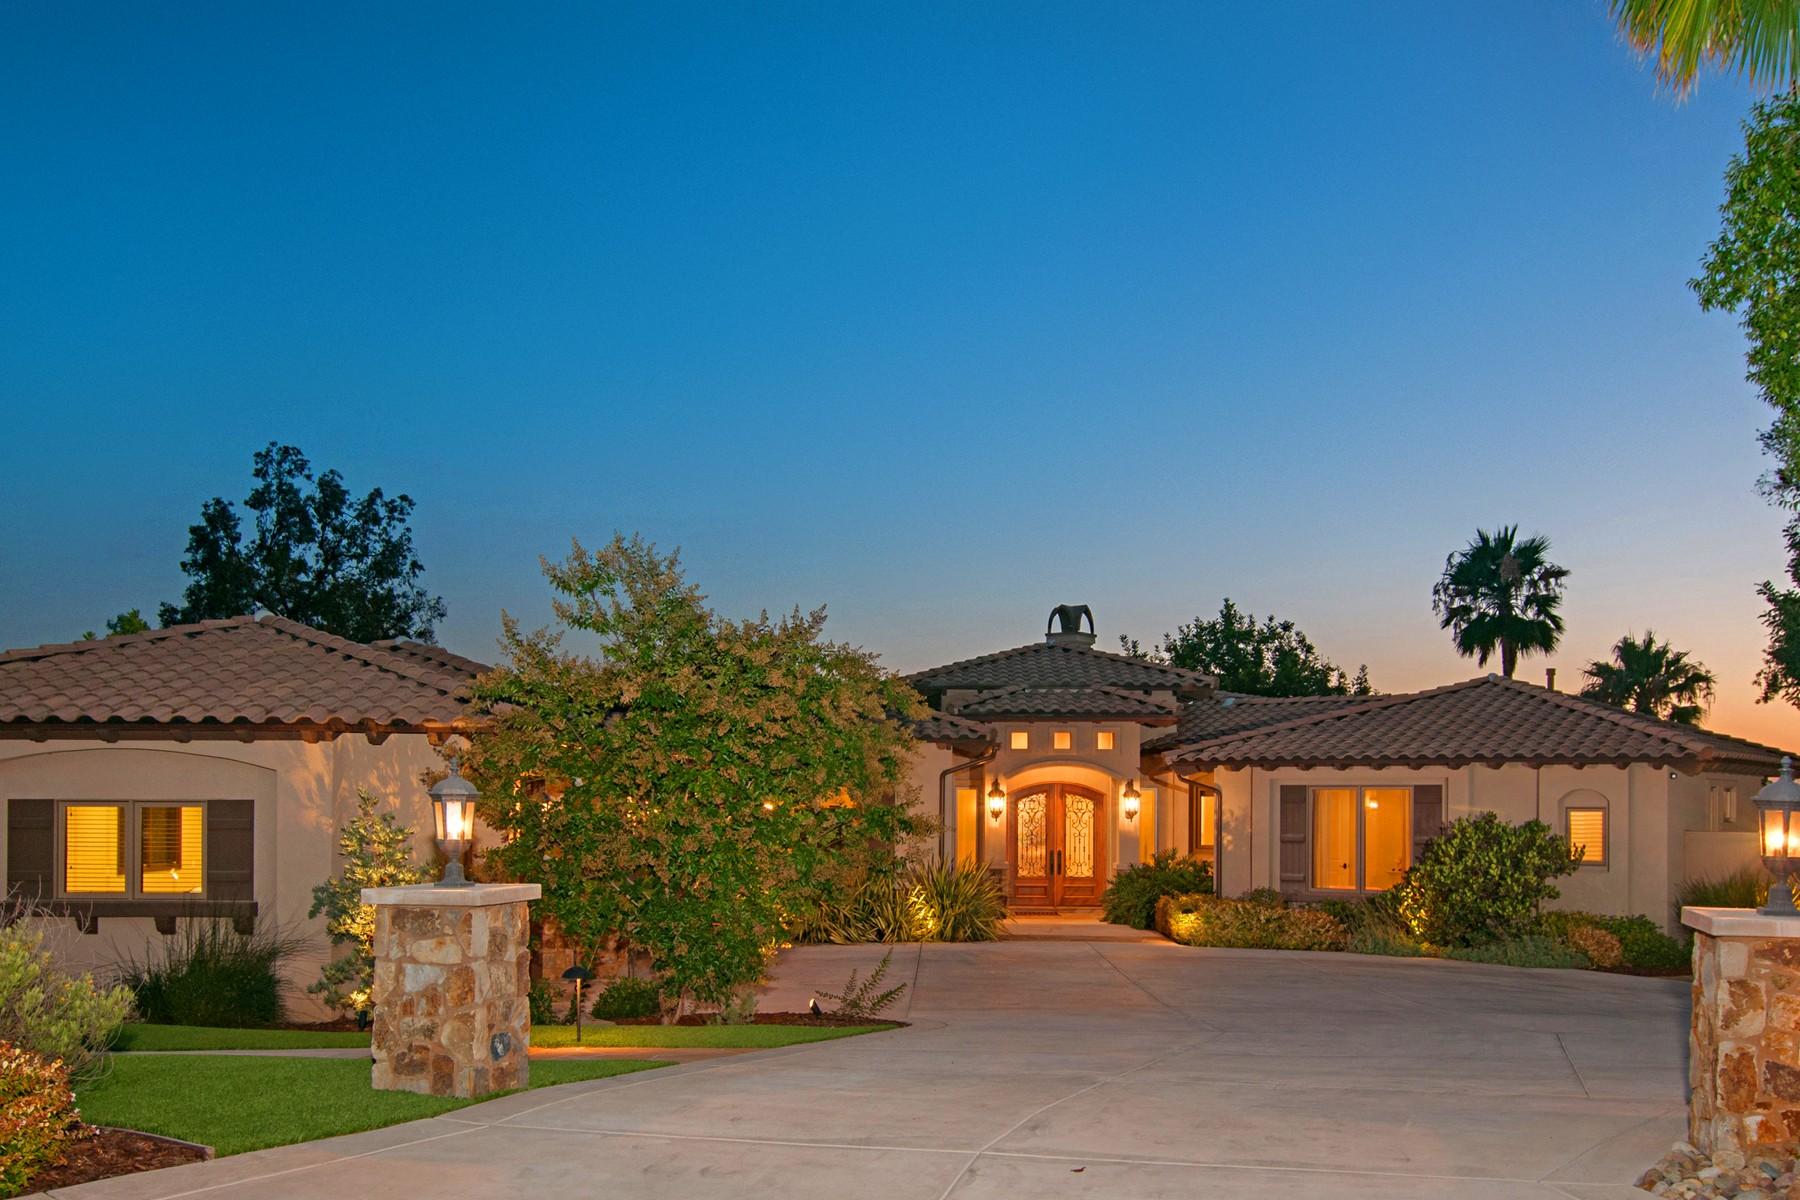 단독 가정 주택 용 매매 에 4525 Yerba Santa Drive San Diego, 캘리포니아, 92115 미국